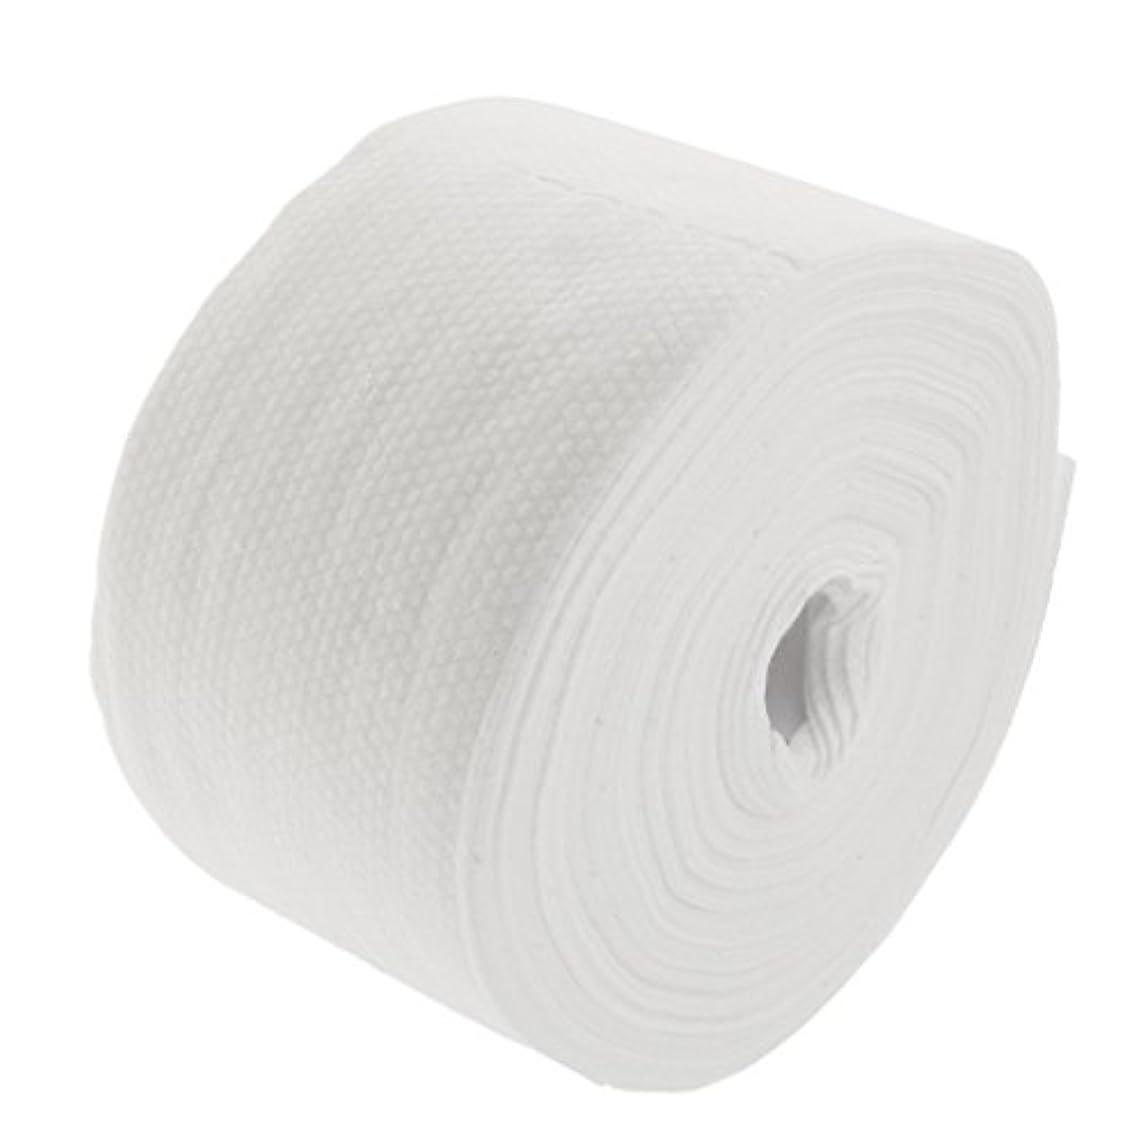 後者迷彩イソギンチャクロール式 使い捨て フェイシャルタオル 30M 使い捨てタオル 繊維 クレンジング フェイシャル メイクリムーバー 2タイプ選べる - #2